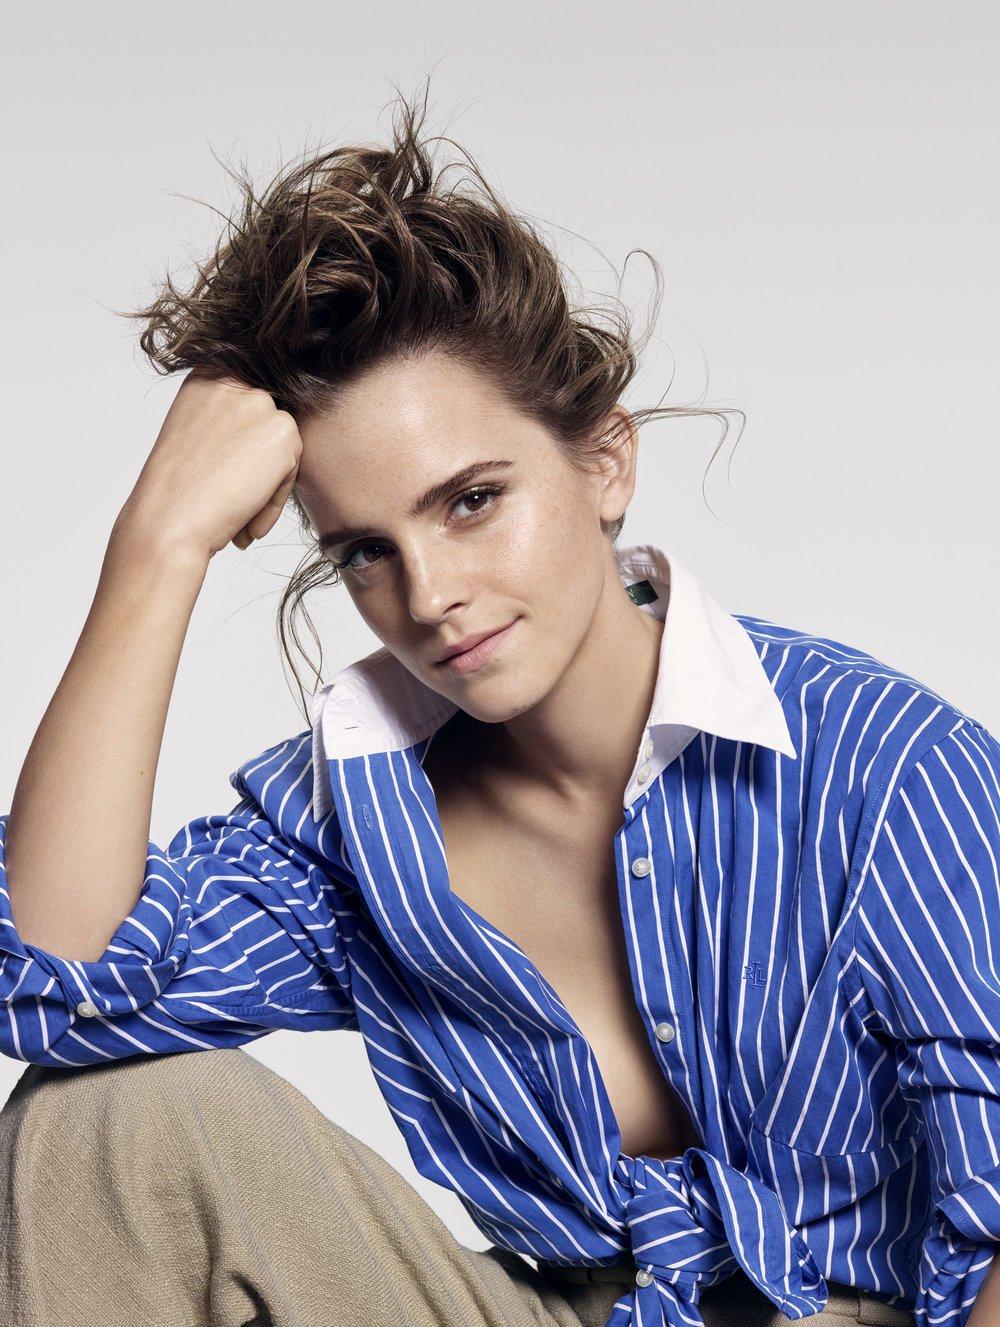 Emma Watson Bisexual